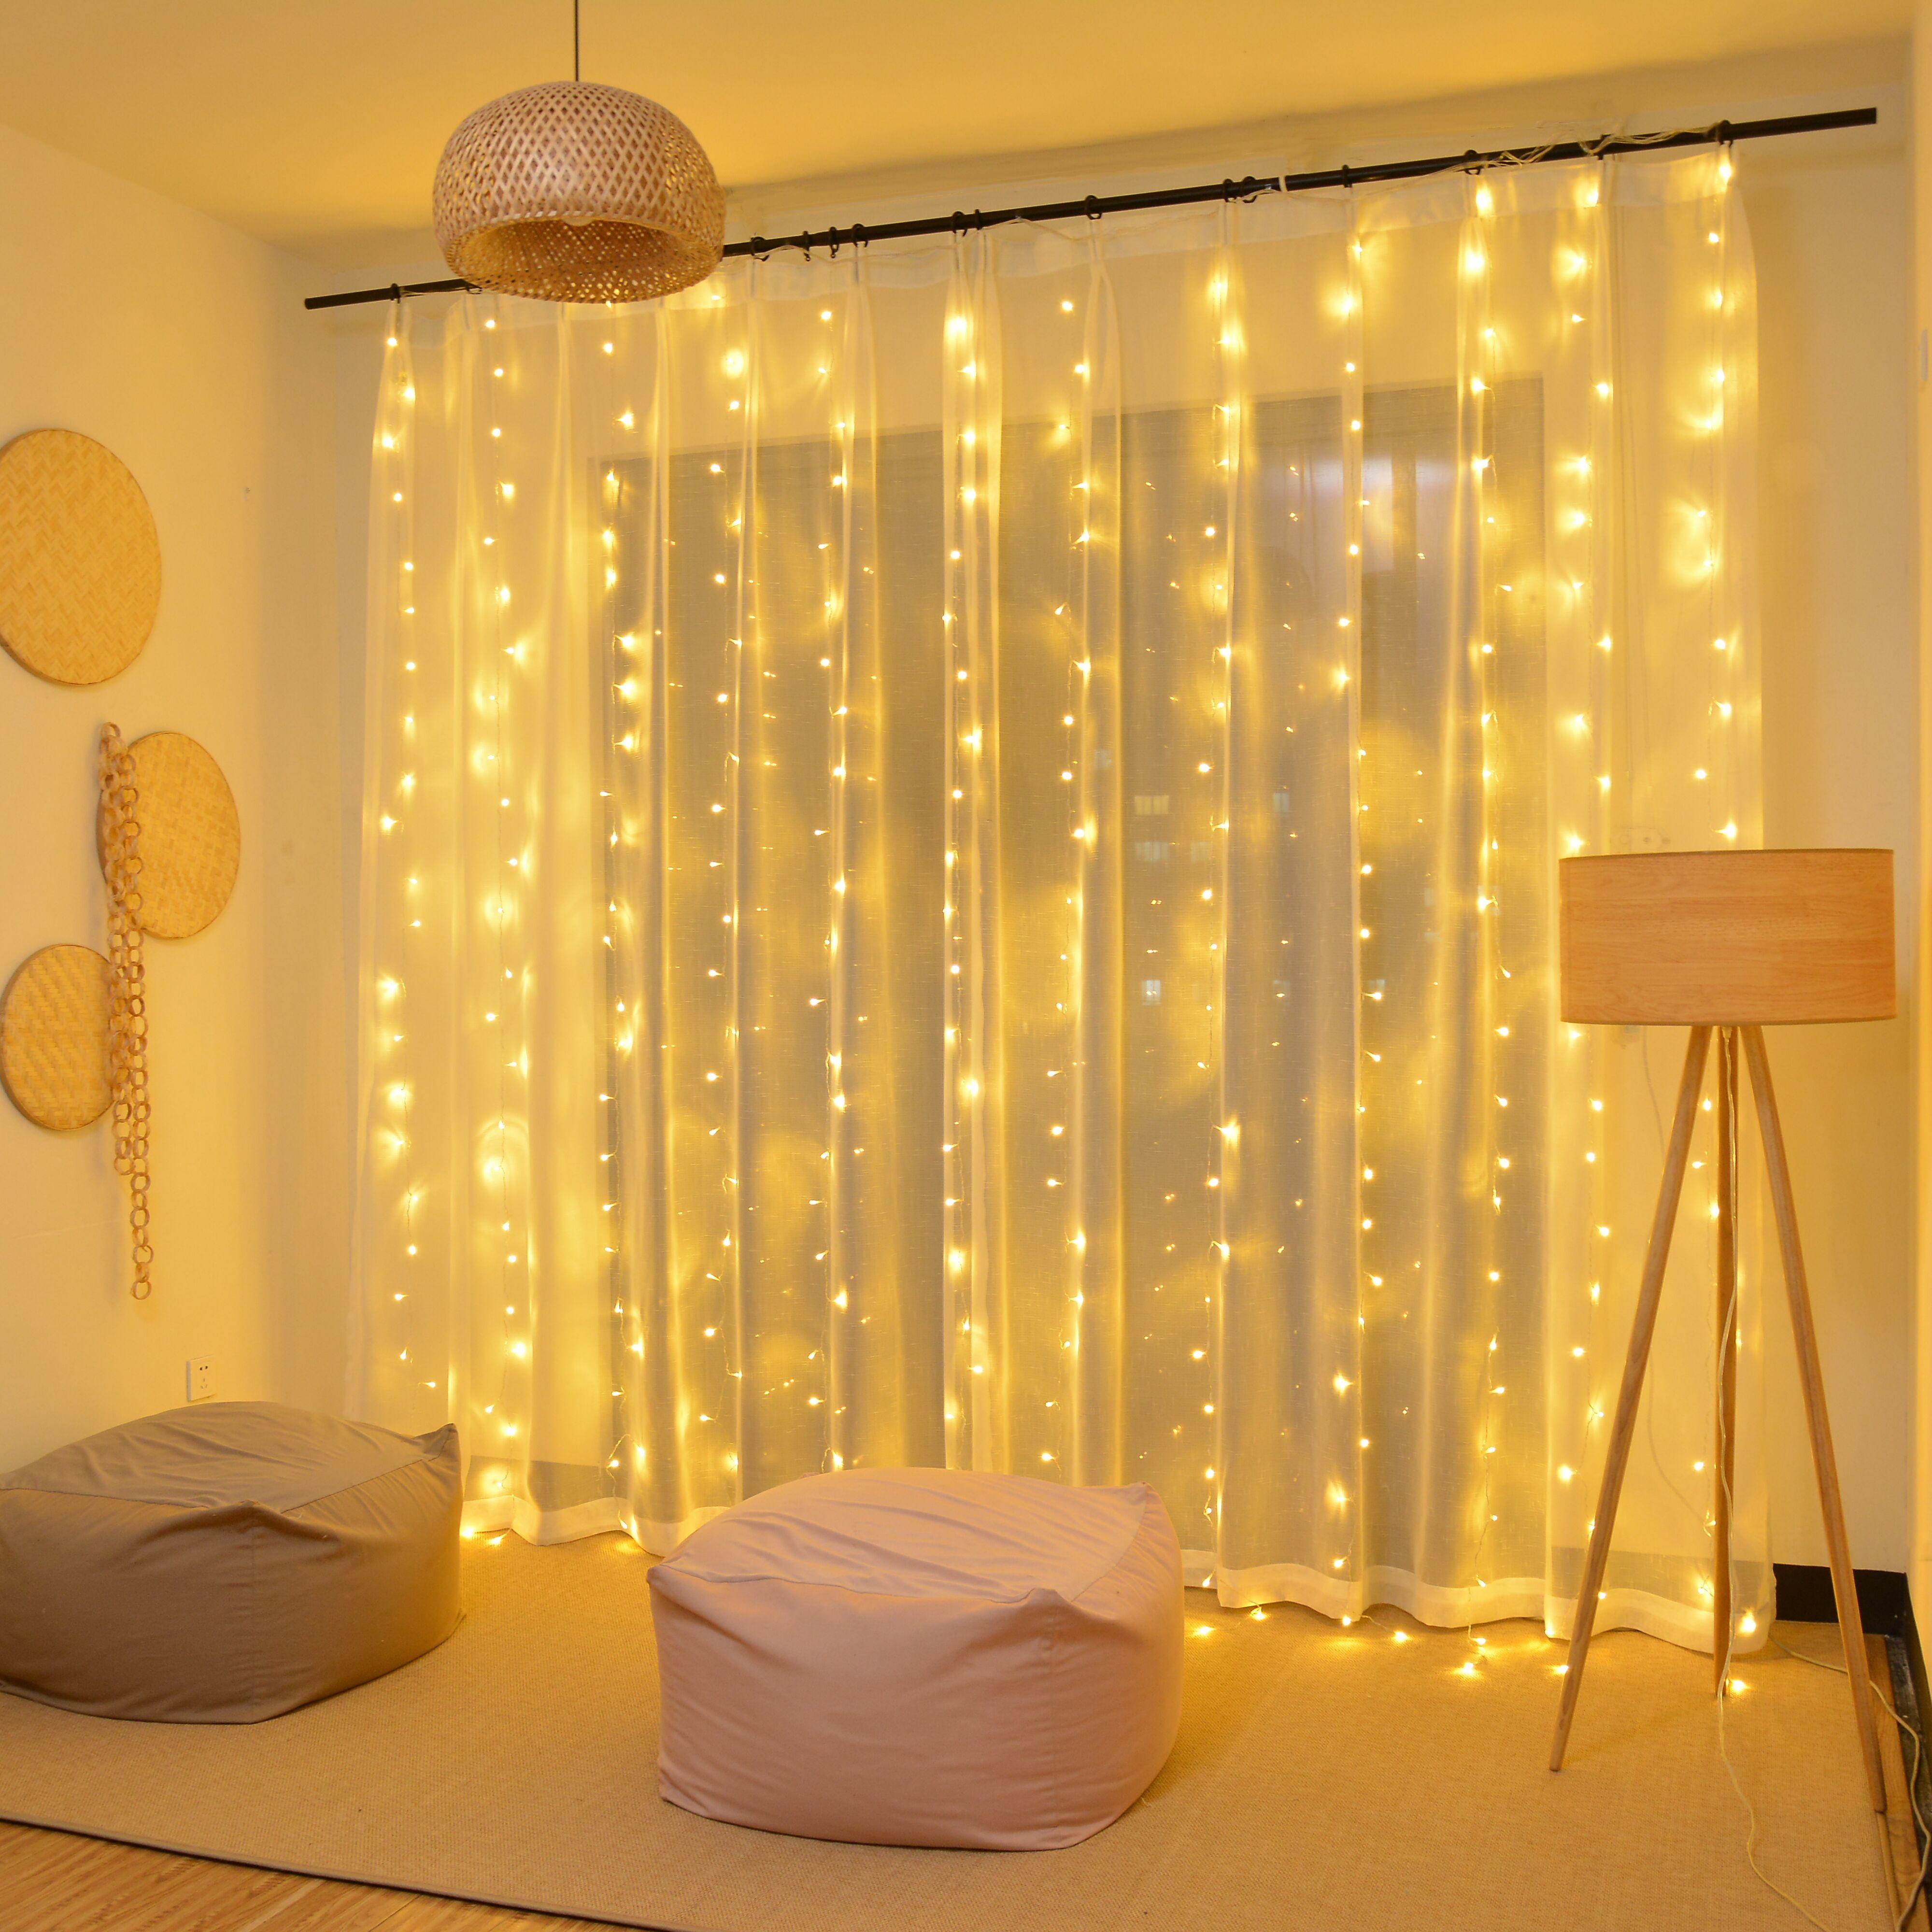 3m 2m led cortina usb luzes da corda de controle remoto de fadas guirlanda na janela ano novo decorações de natal para casa ao ar livre